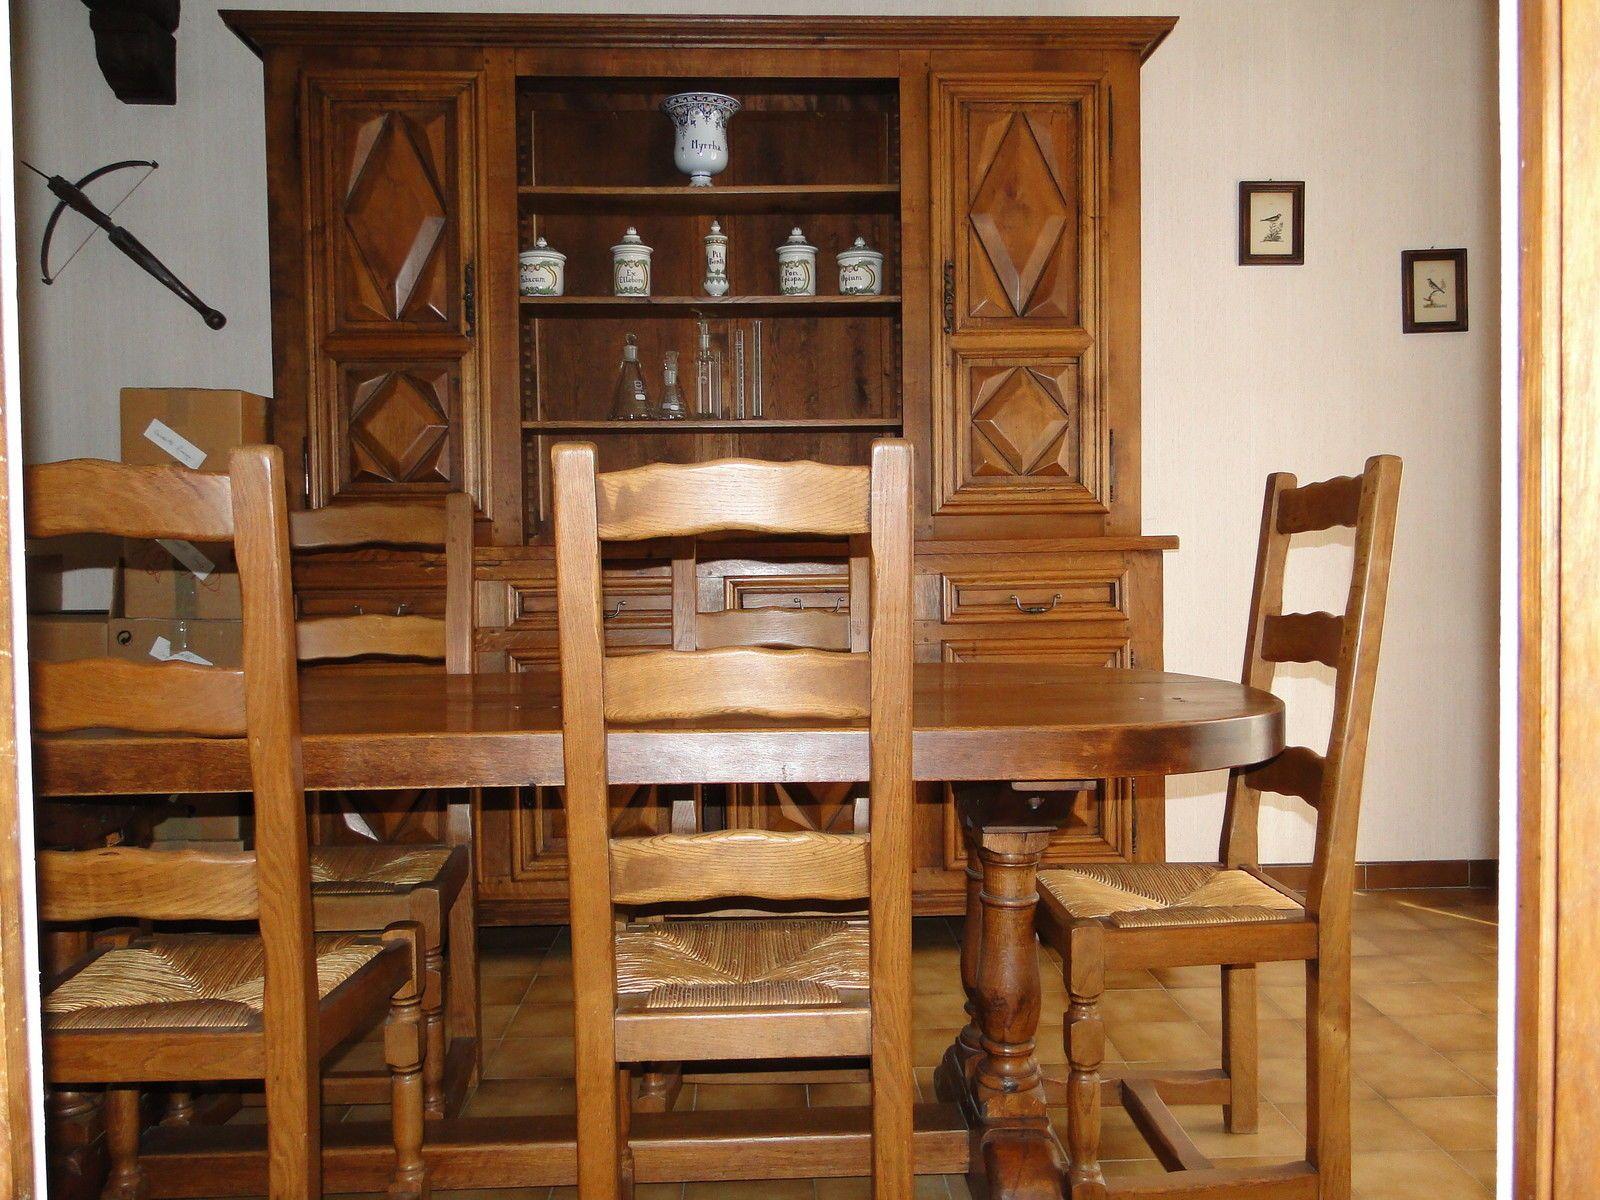 Salle Manger Compl Te Louis Xiii In Maison Meubles Tables  # Meubles Maison